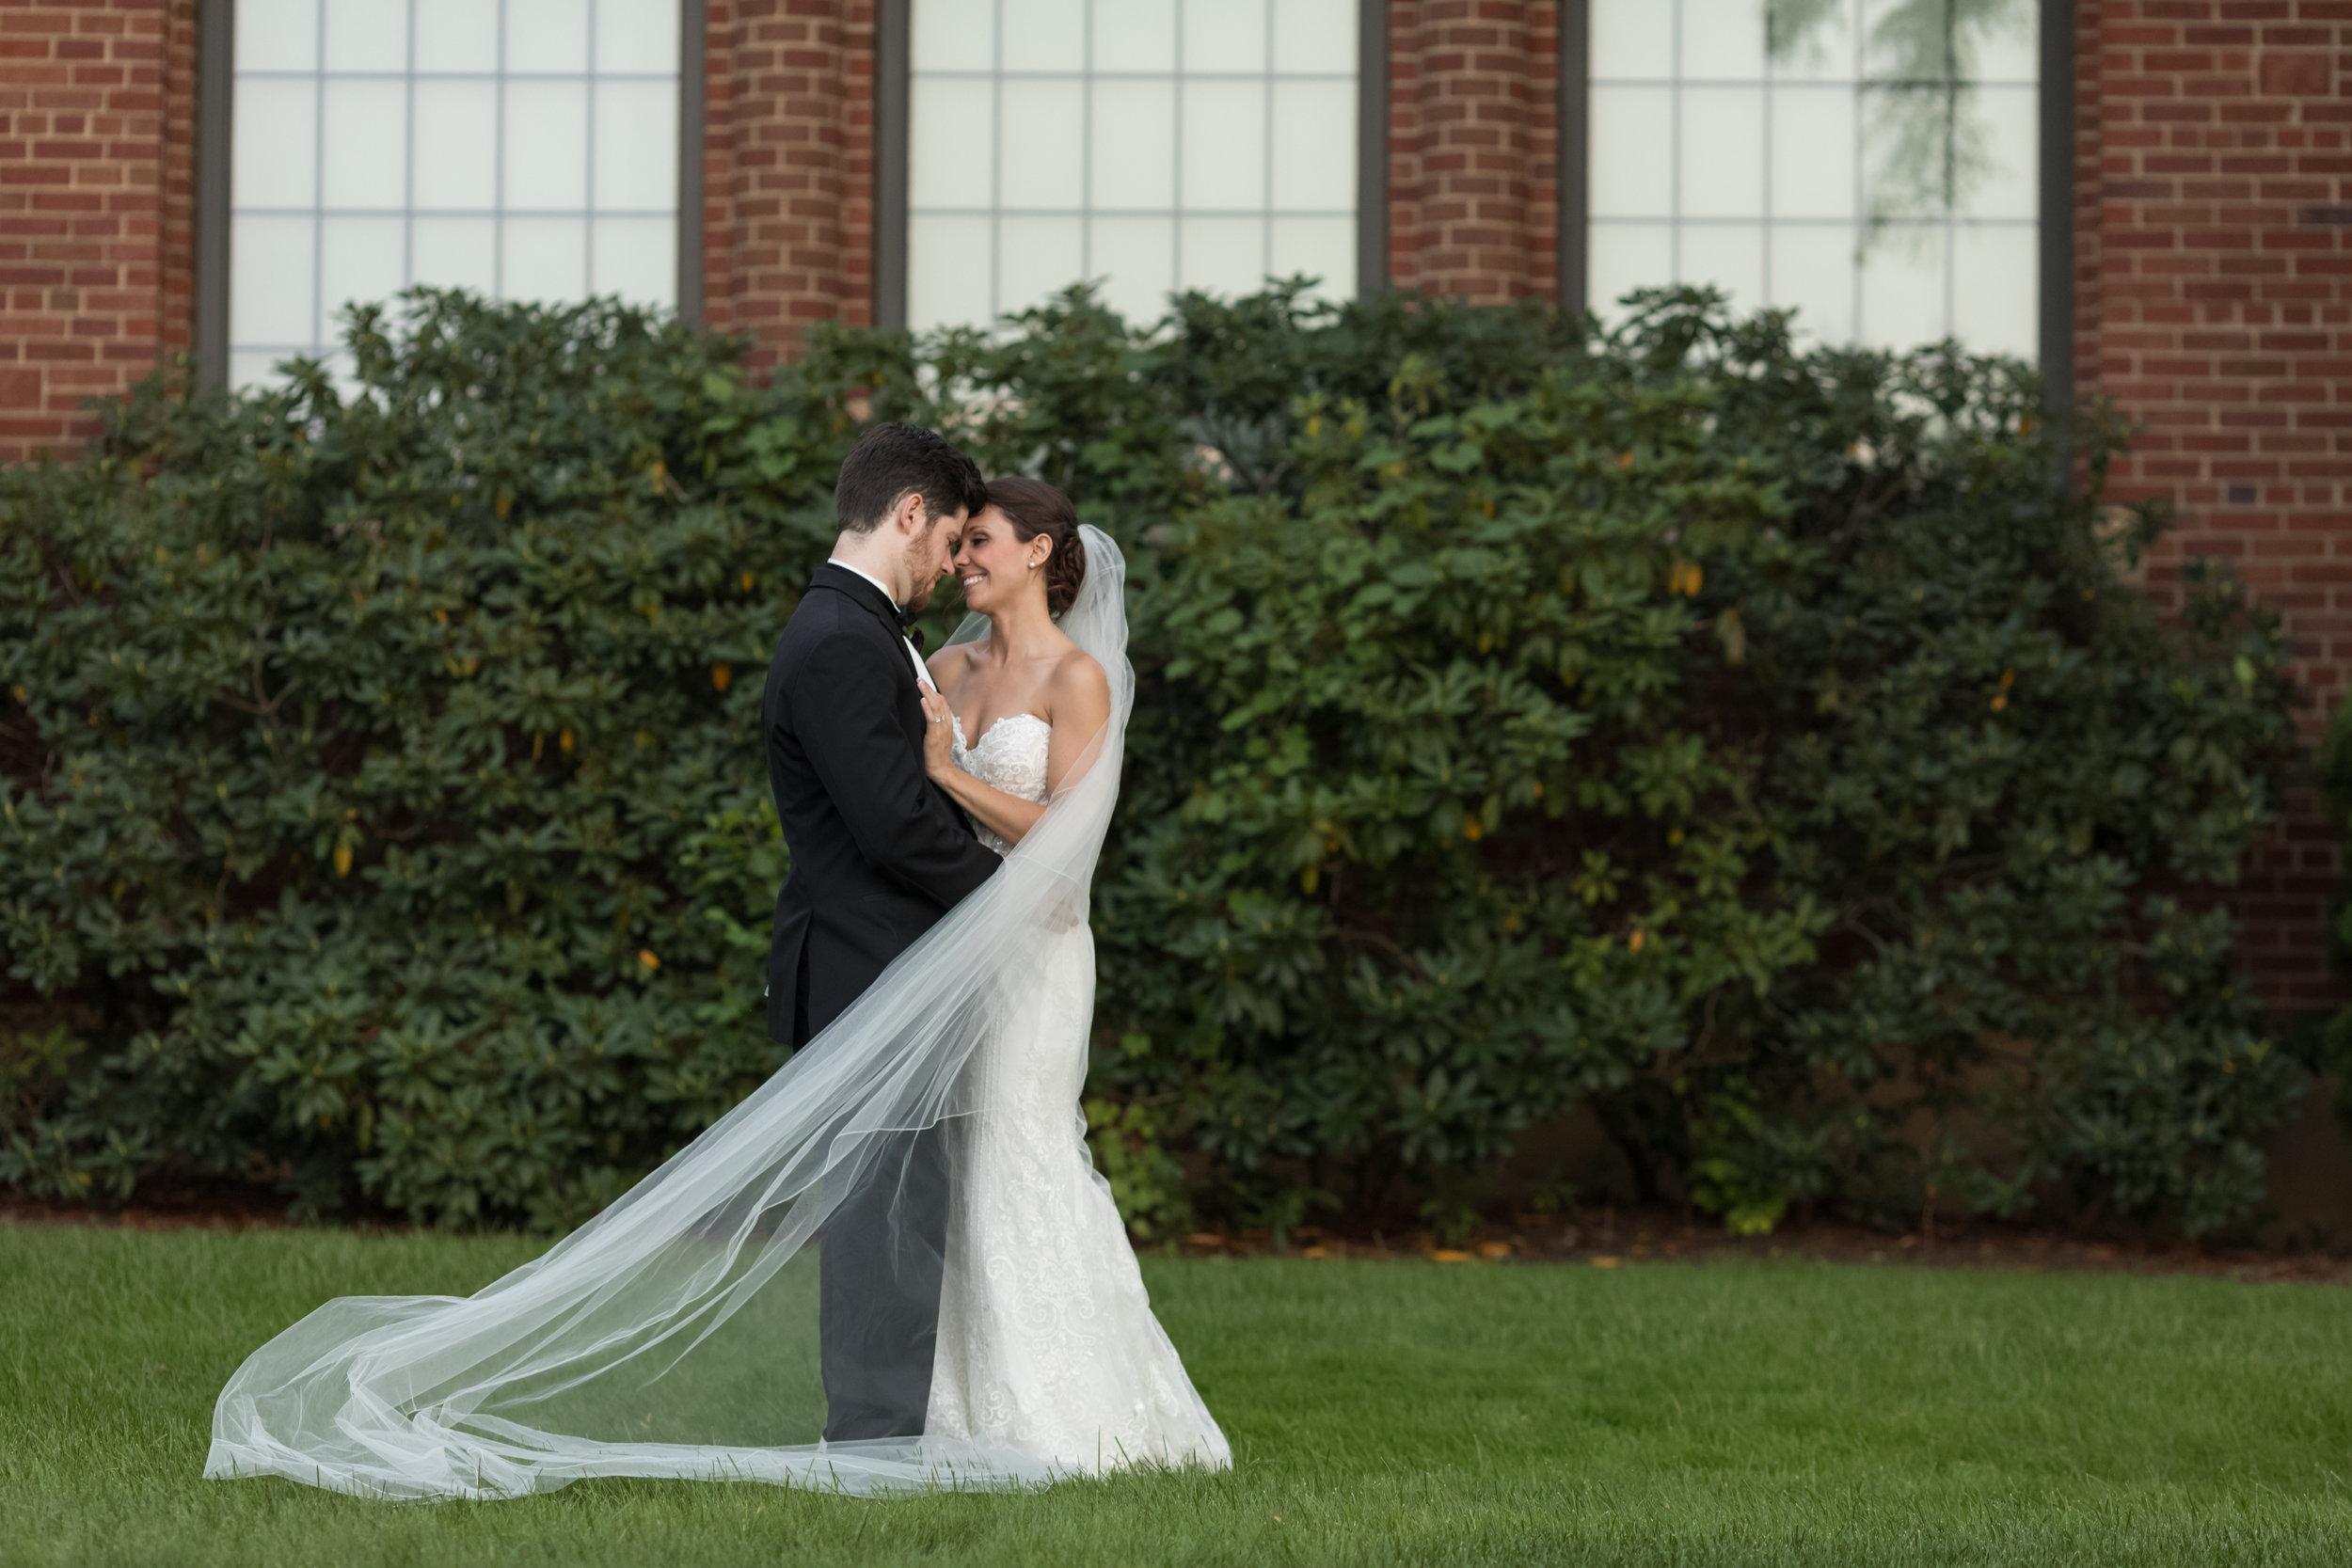 shareyah_John_detroit_wedding_preview_067.JPG